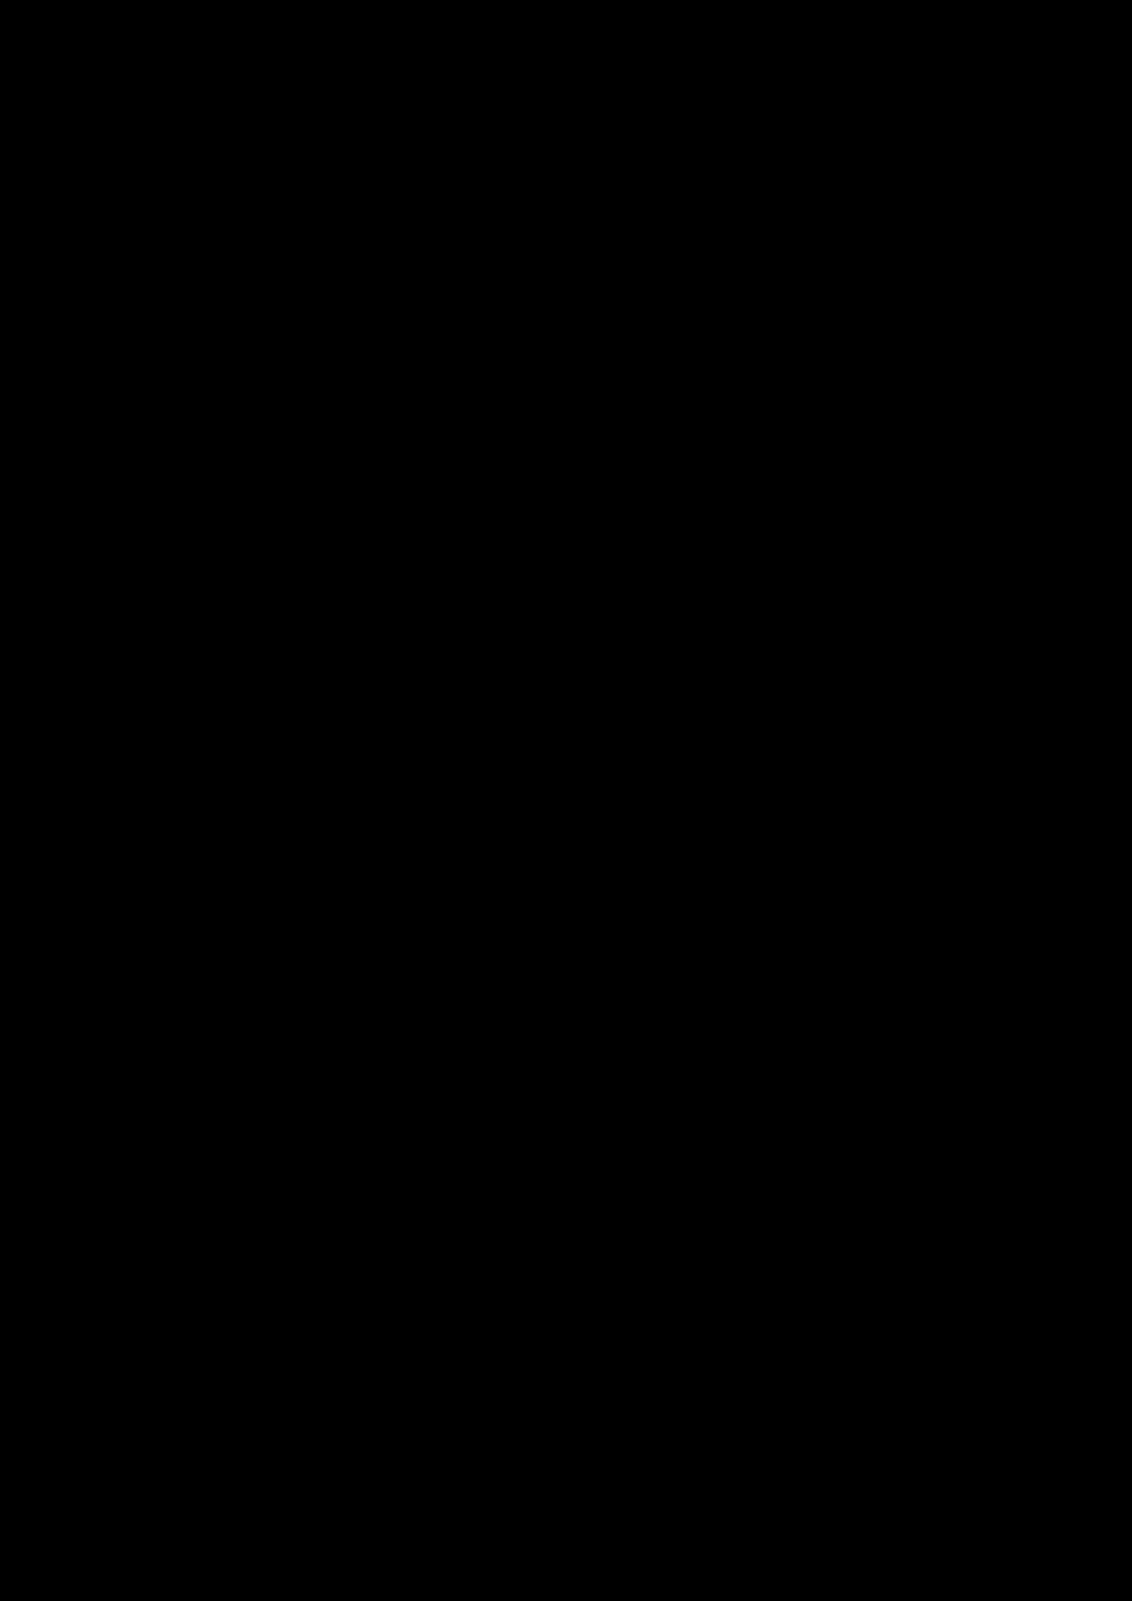 Proschanie s volshebnoy stranoy slide, Image 104